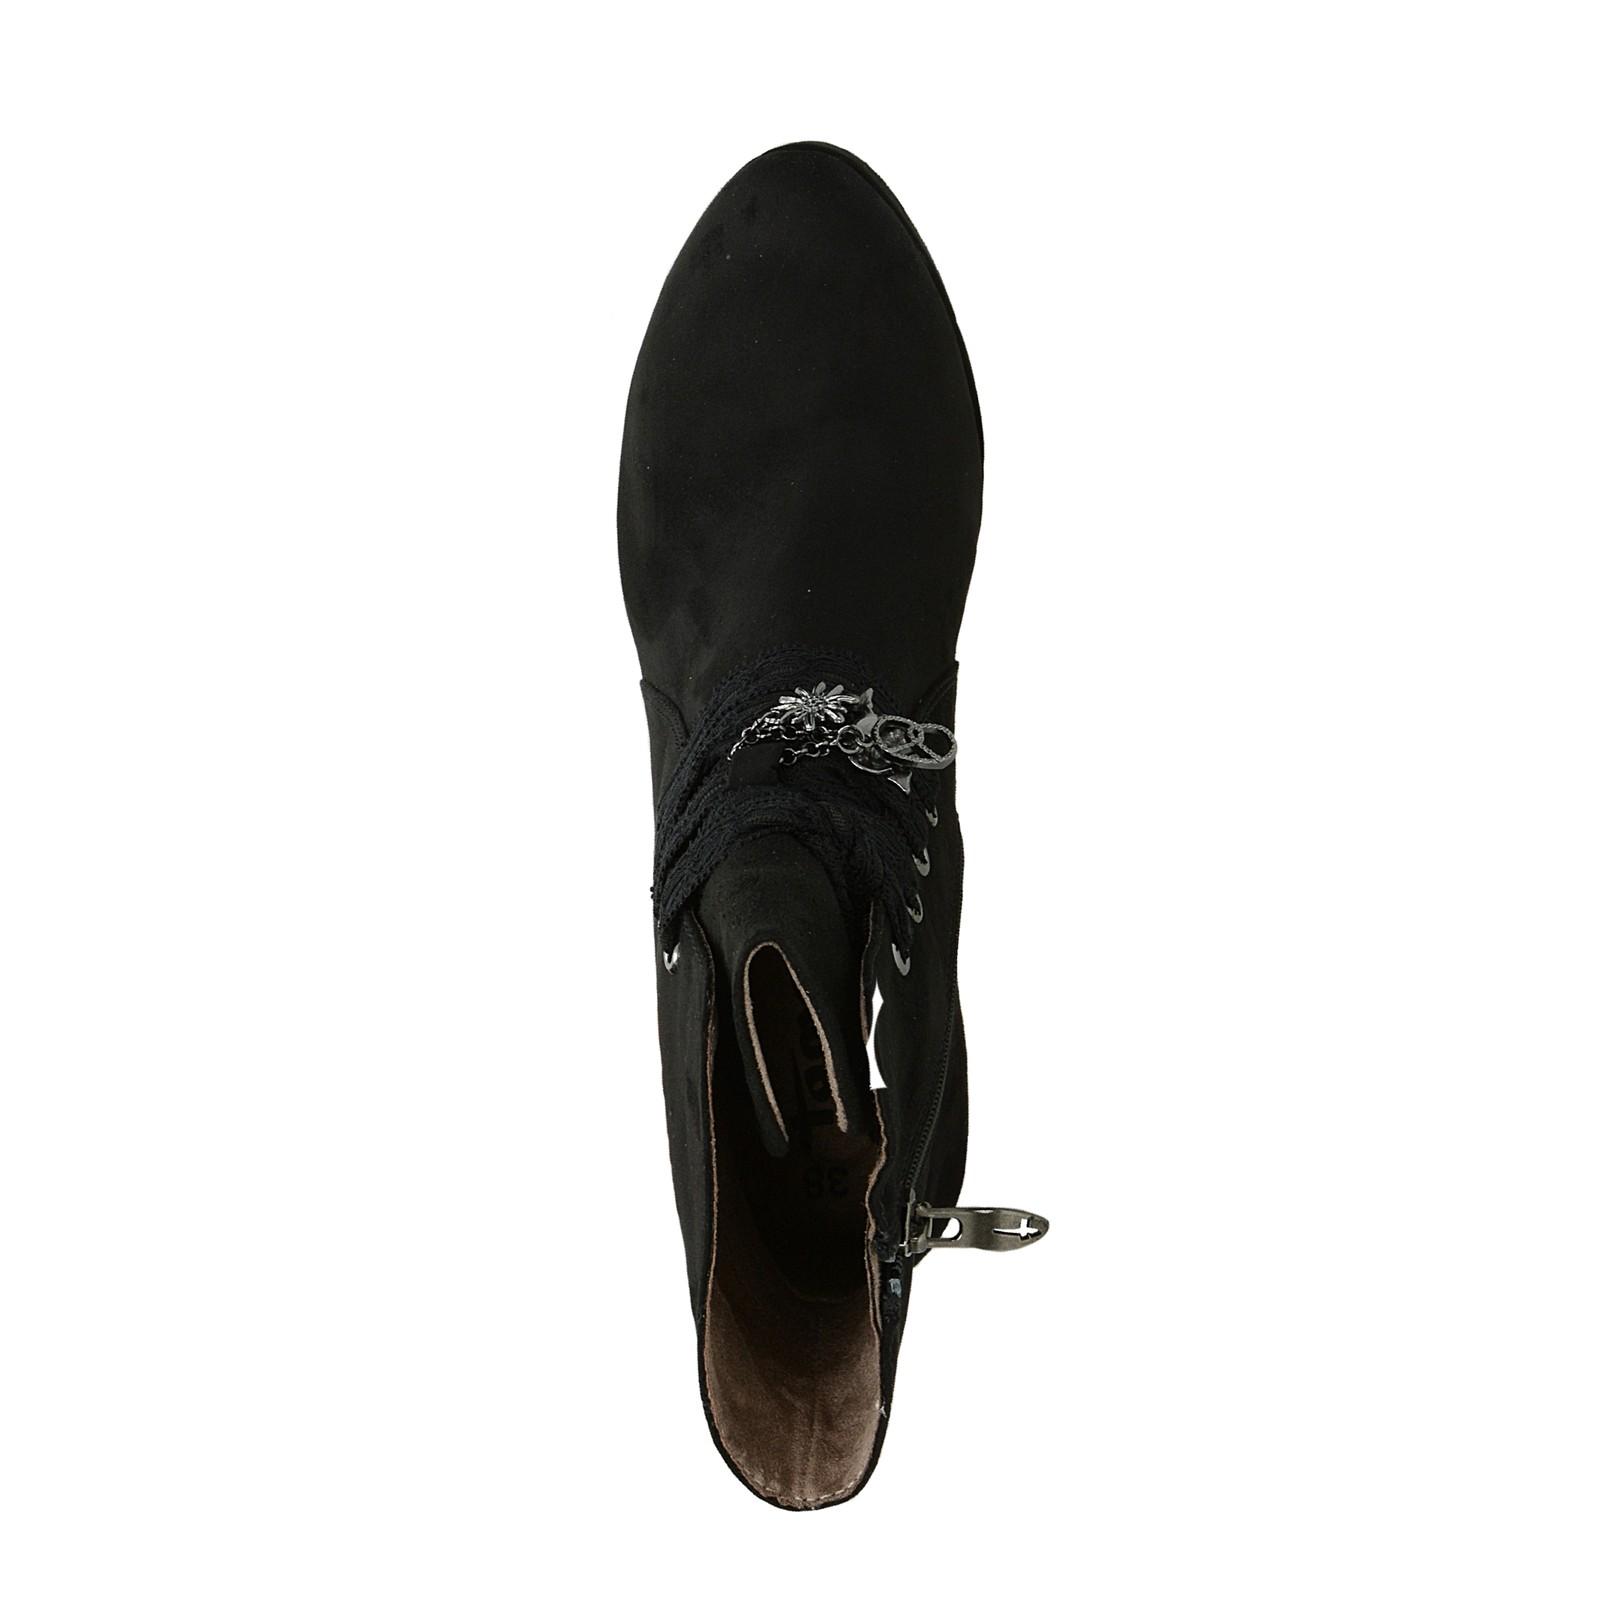 Kotníková obuv. Tamaris dámské kotníkové boty na vysokém podpatku - černé  ... 4a552b86f1